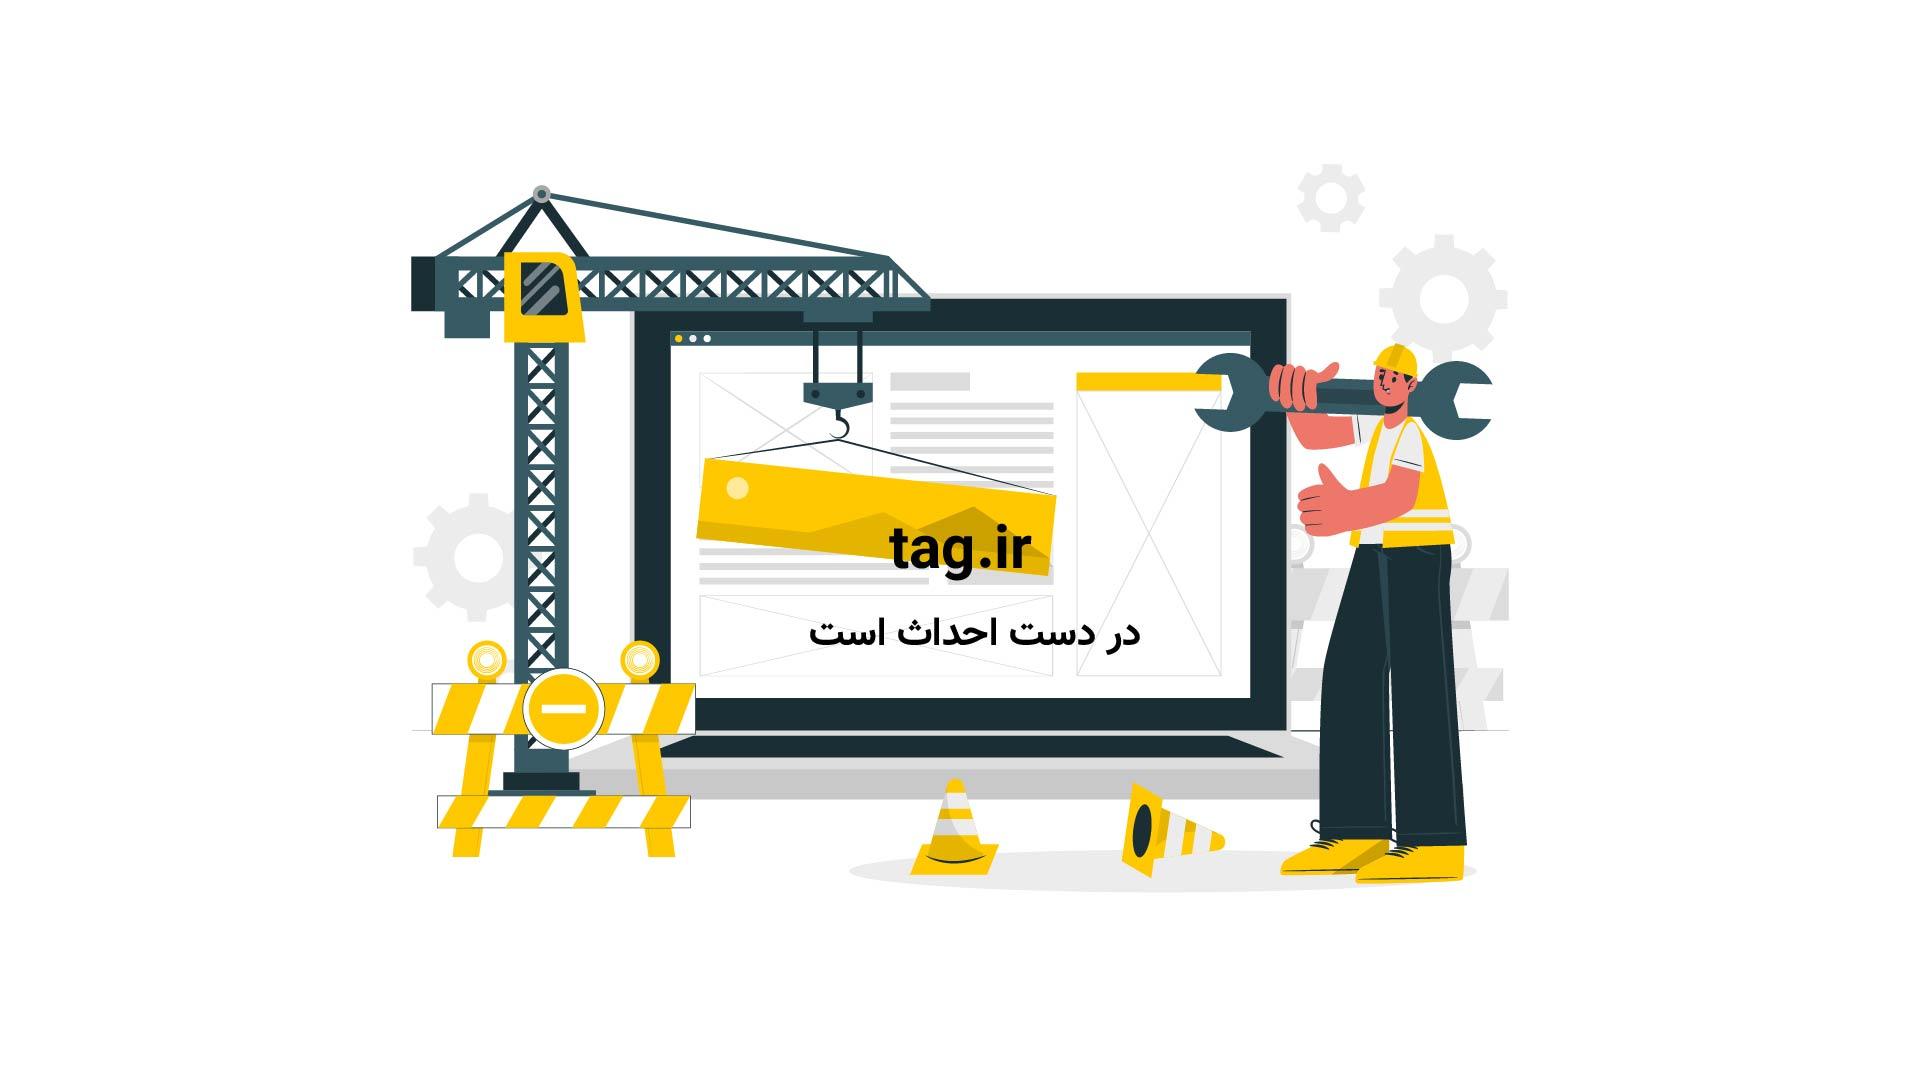 موس کره بادام زمینی | تگ